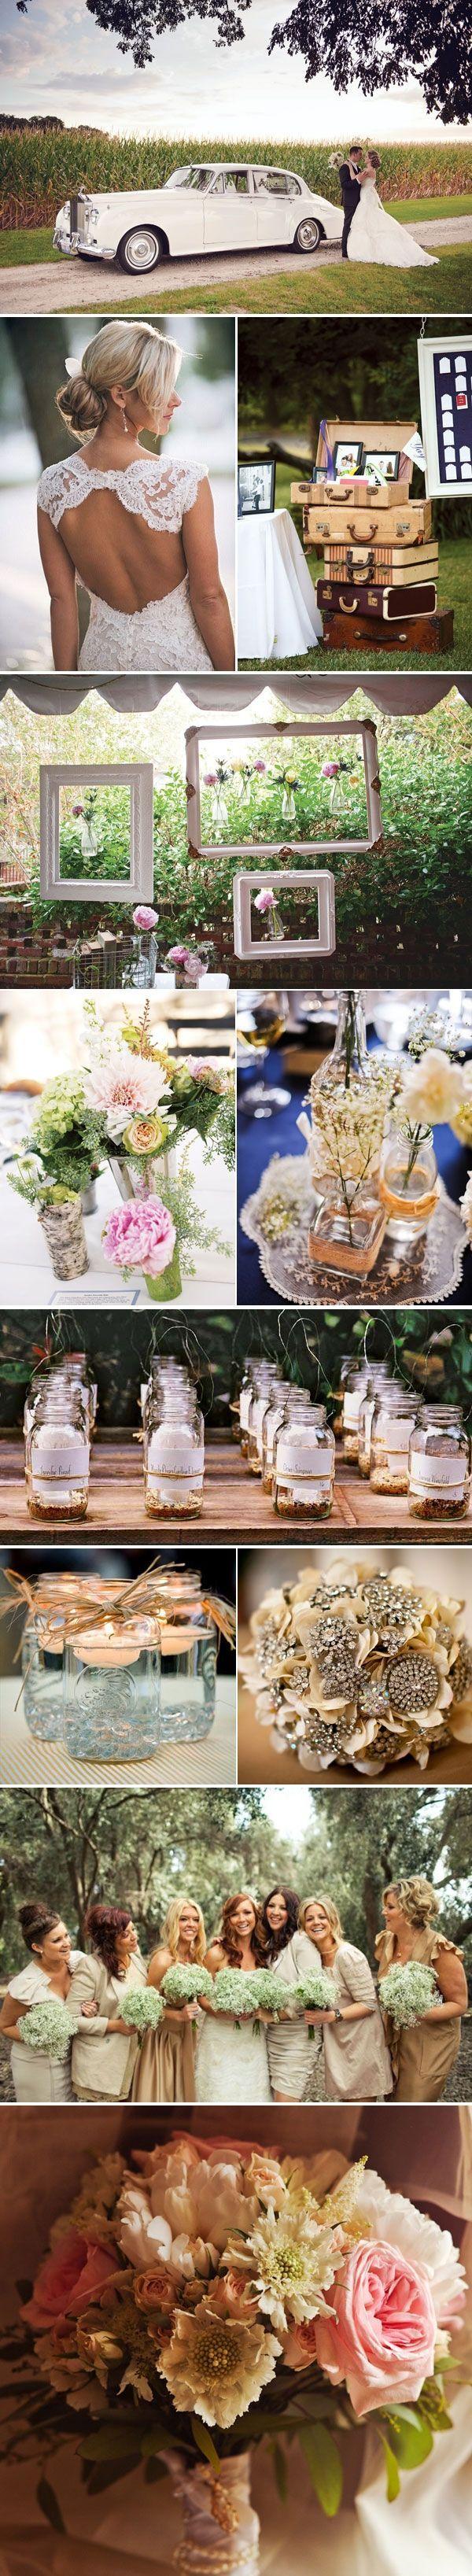 decoracion ideas vintage wedding